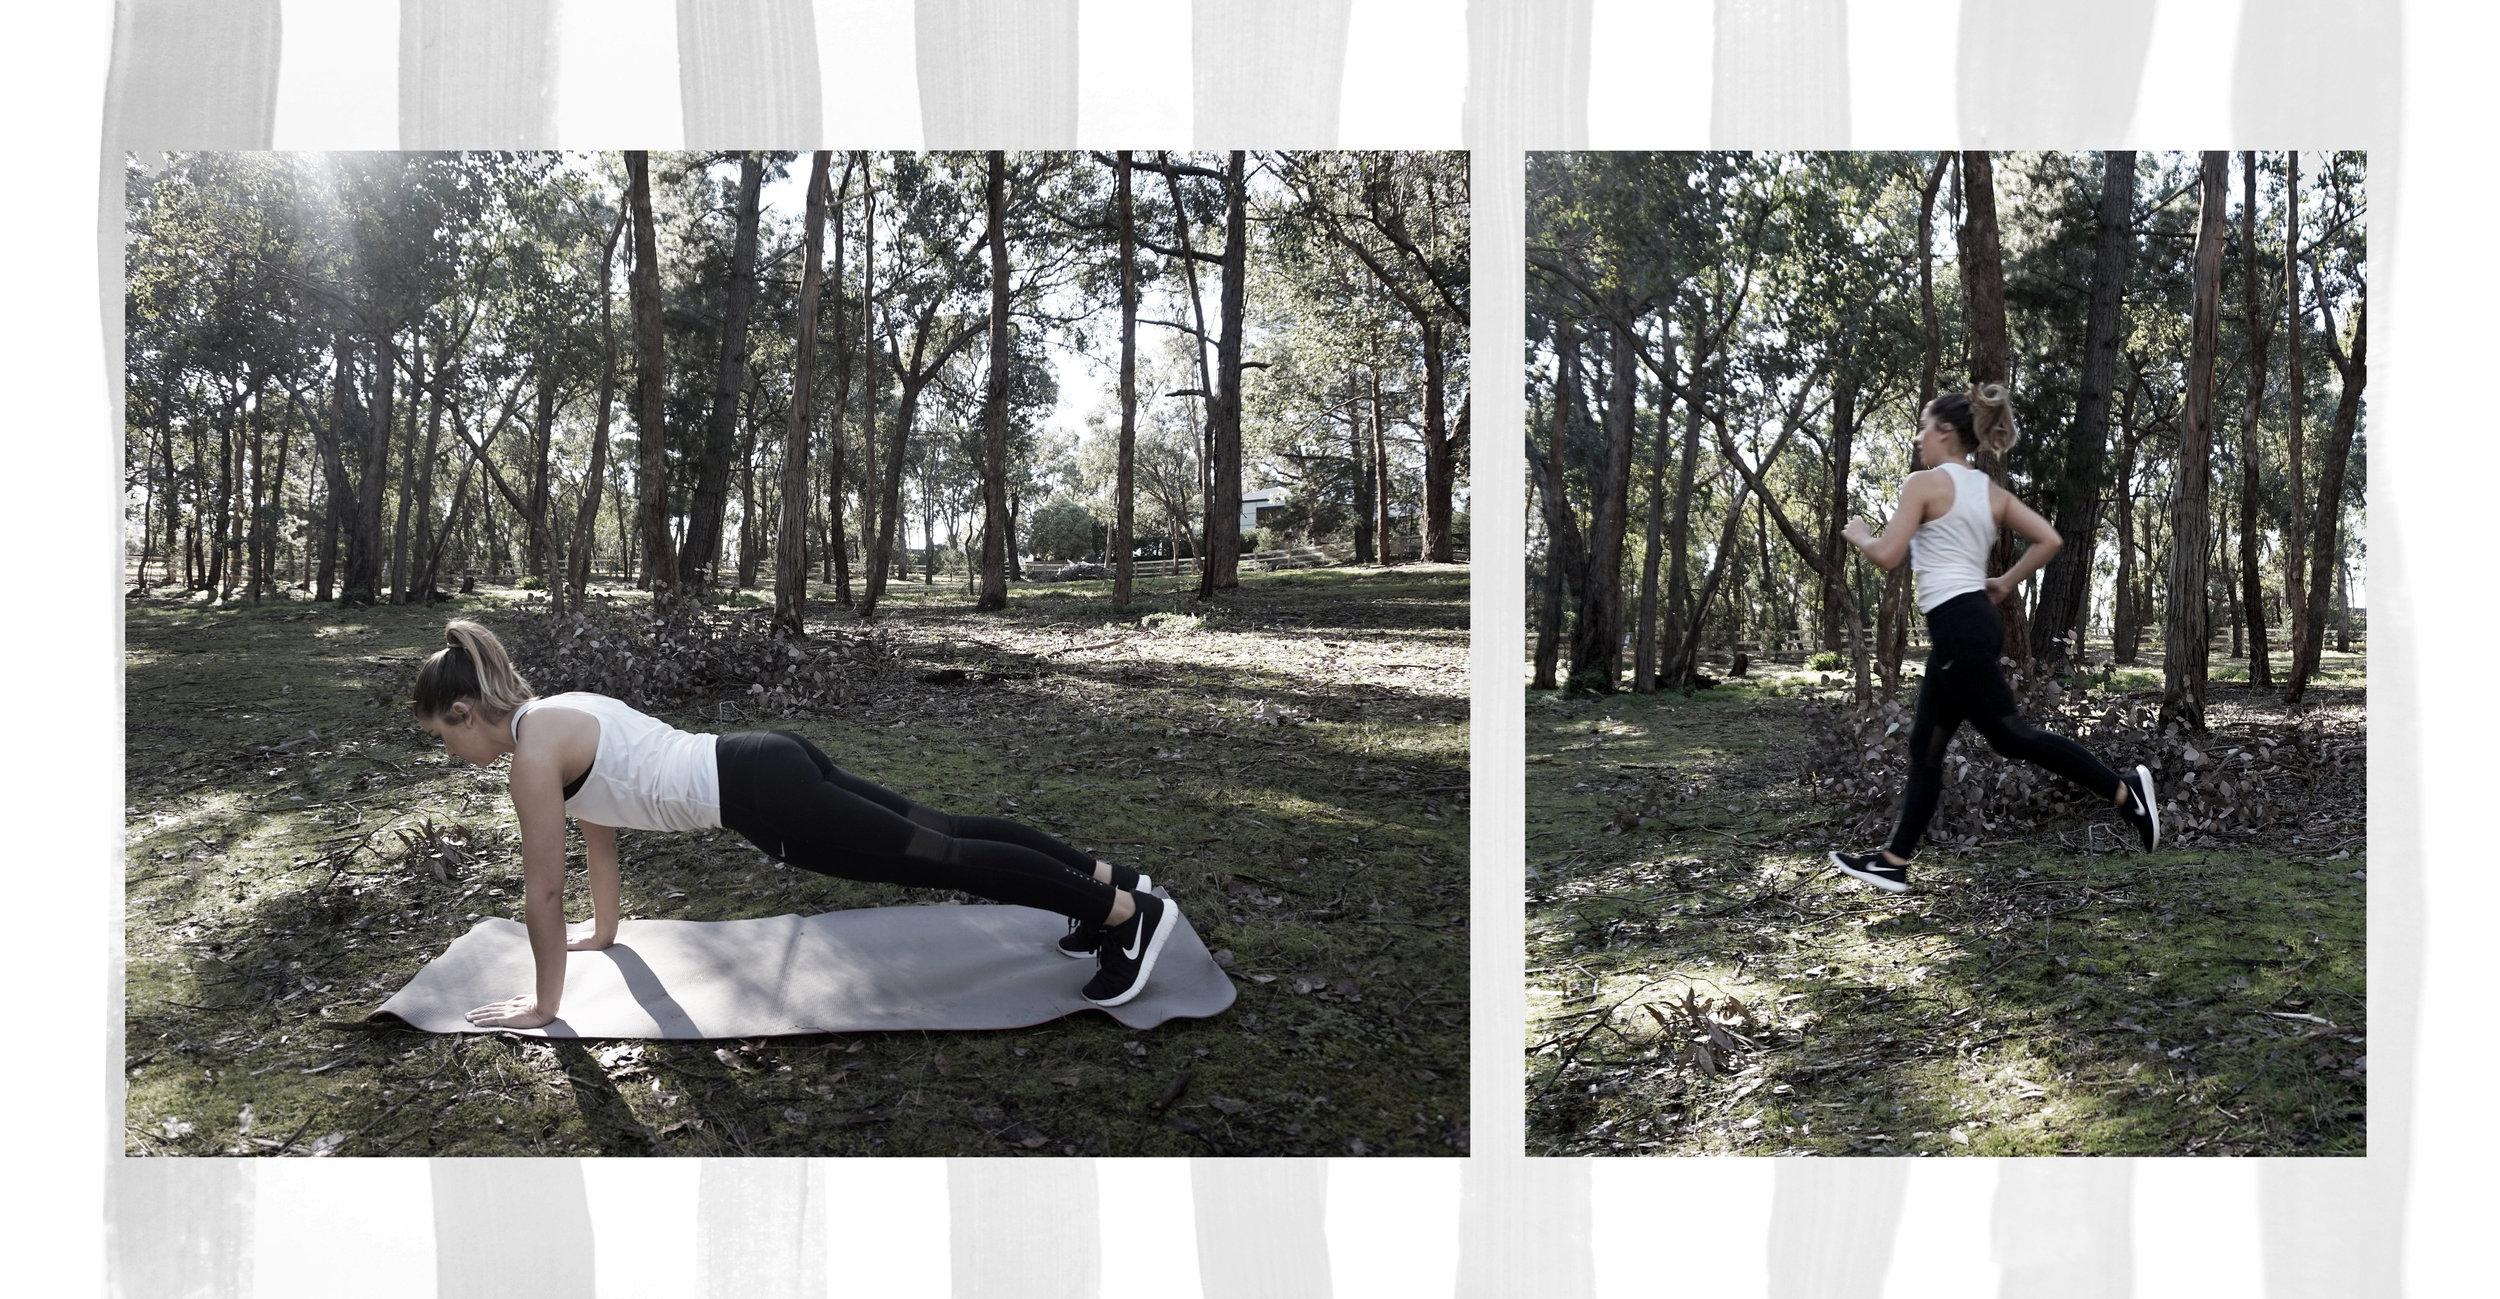 exercize-2-3rd-copy.jpg